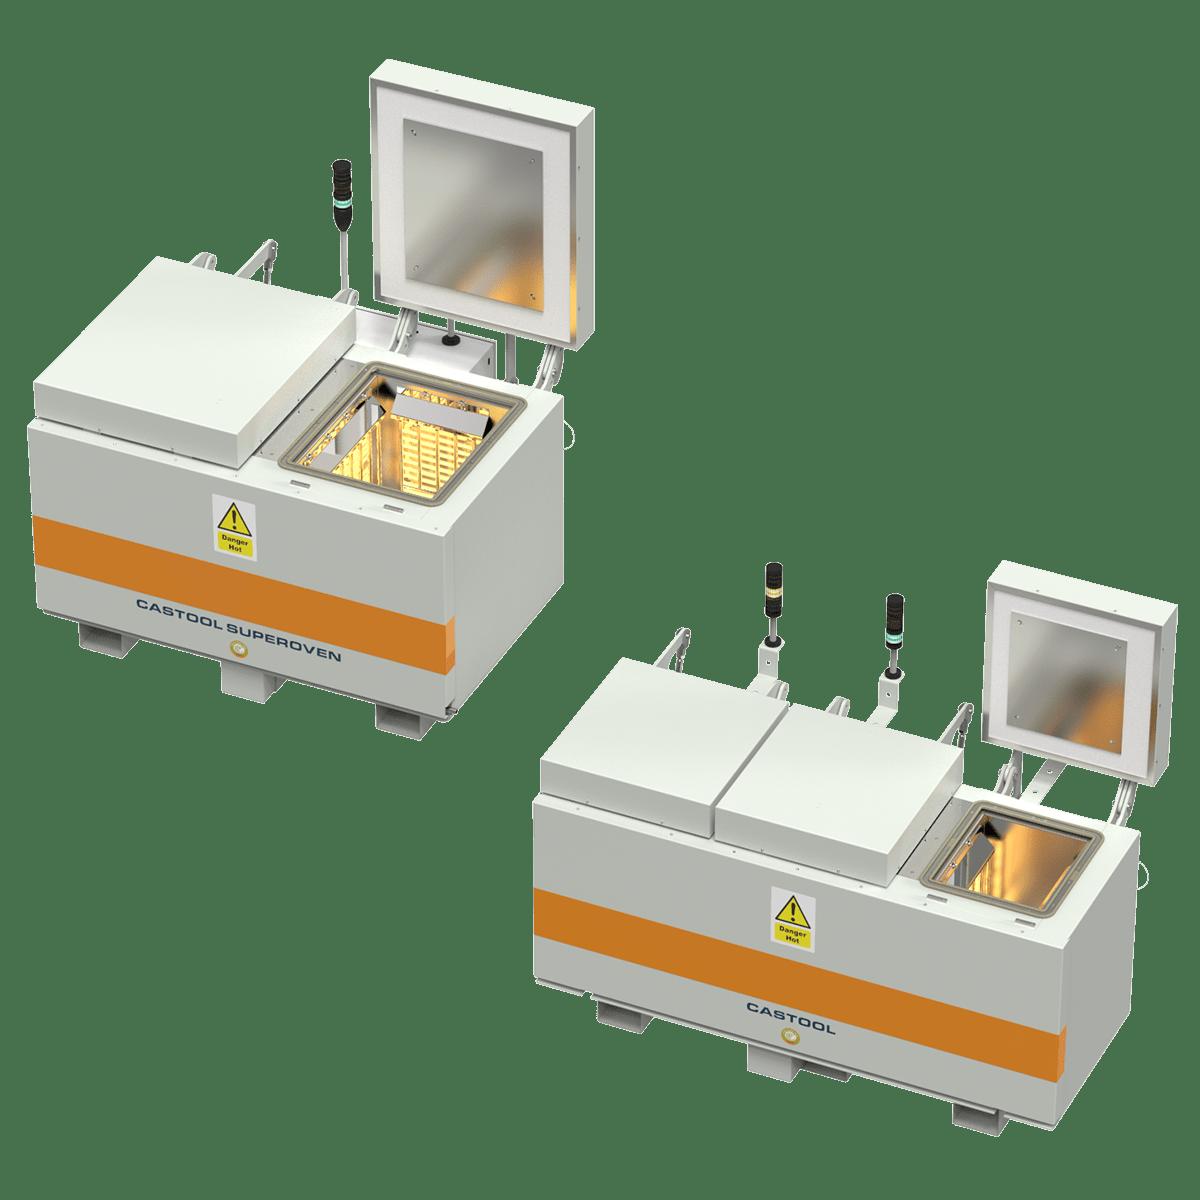 Die Ovens